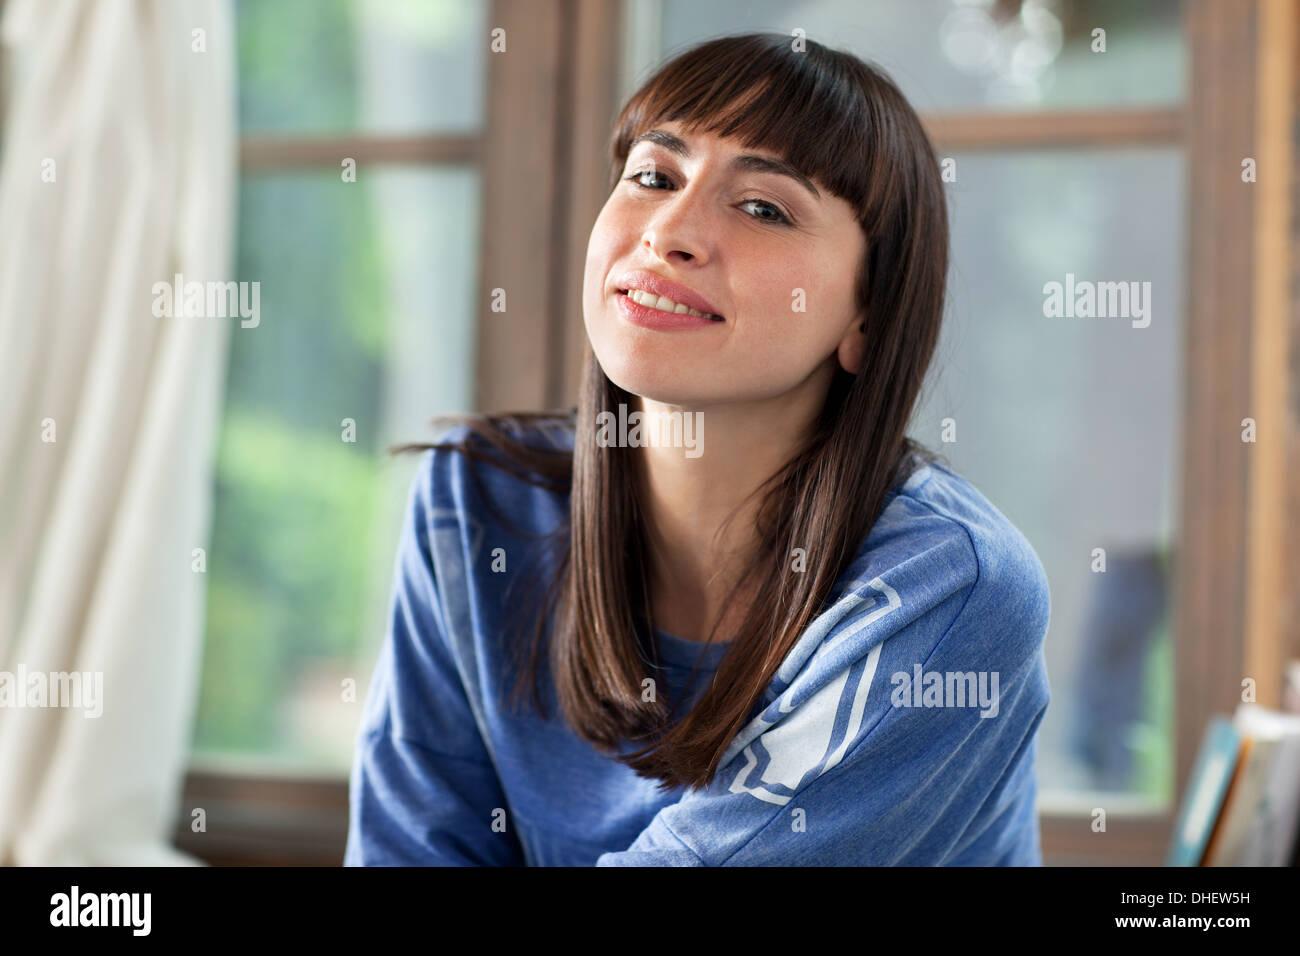 Porträt von Brünette Frau lächelnd Stockbild